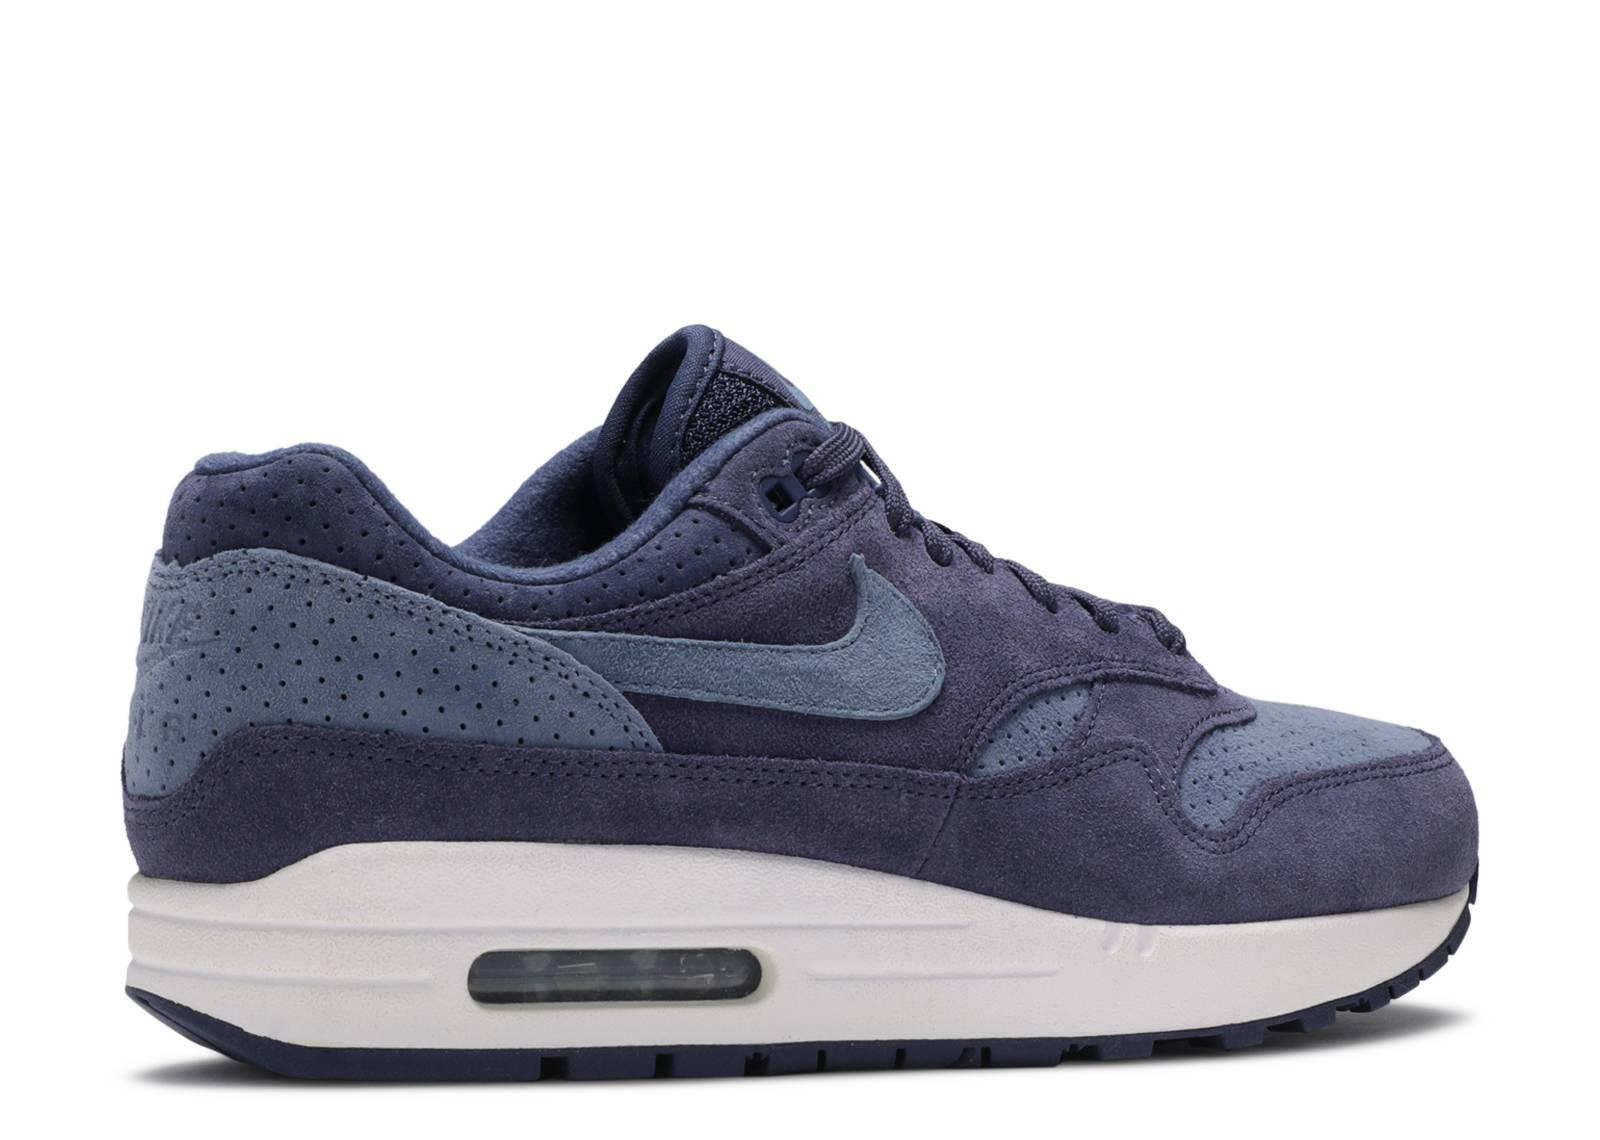 separation shoes 133f5 0c963 Nike Air Max 1 Premium - Nike - 875844 501 - neutral indigodiffused blue   Flight Club